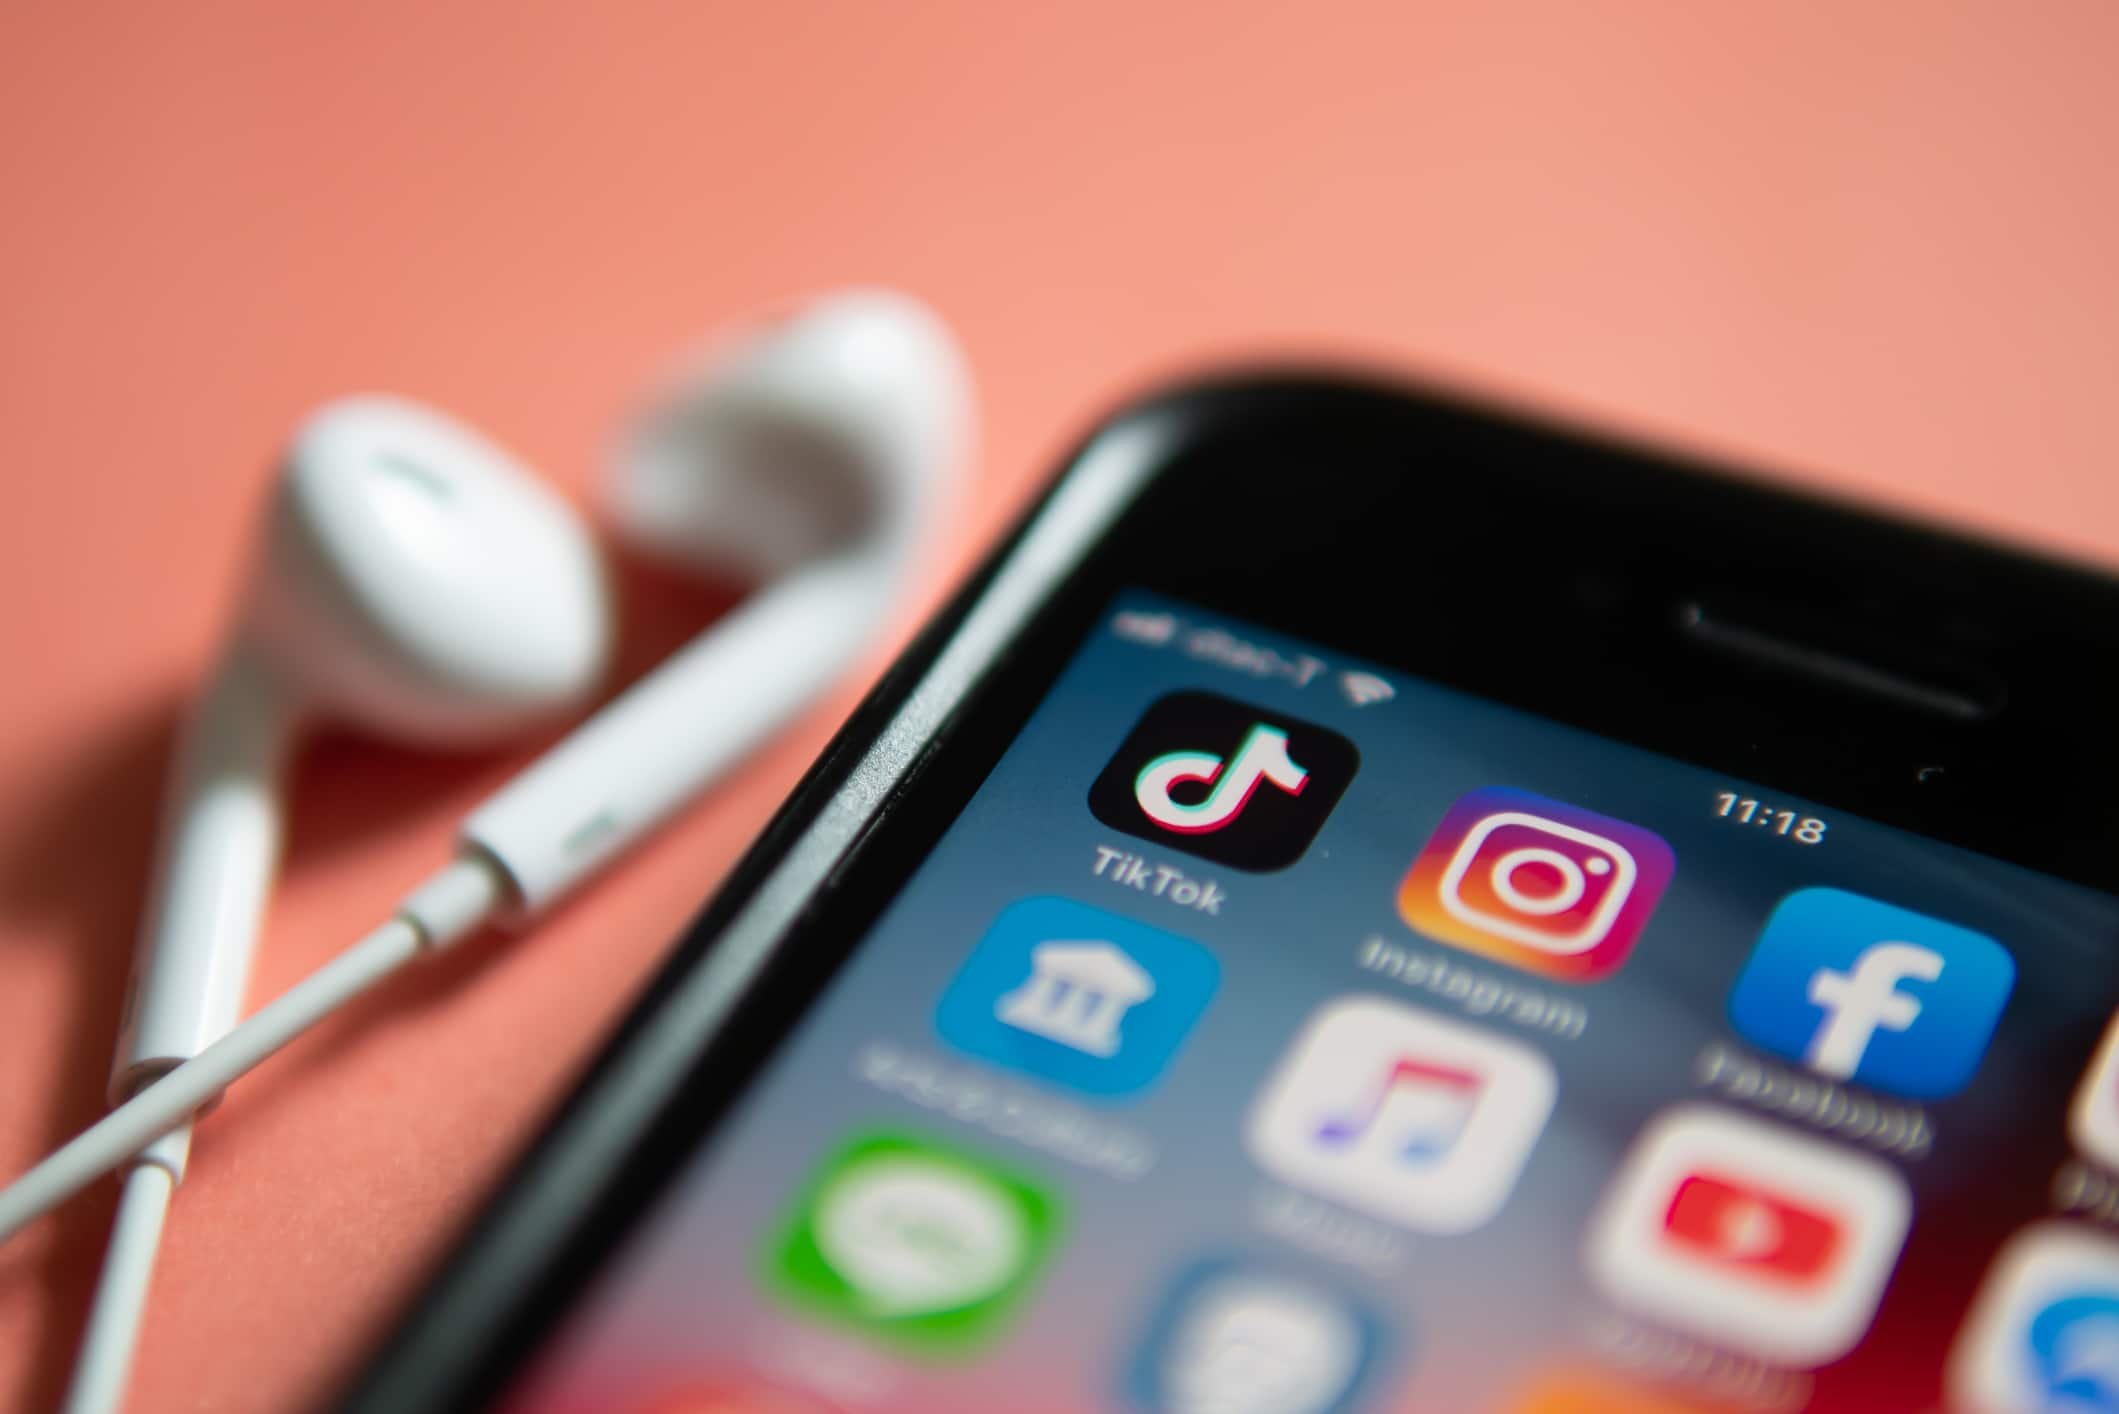 Celular ao lado de fones de ouvidos e na tela há vários aplicativos instalados e o TikTok em destaque